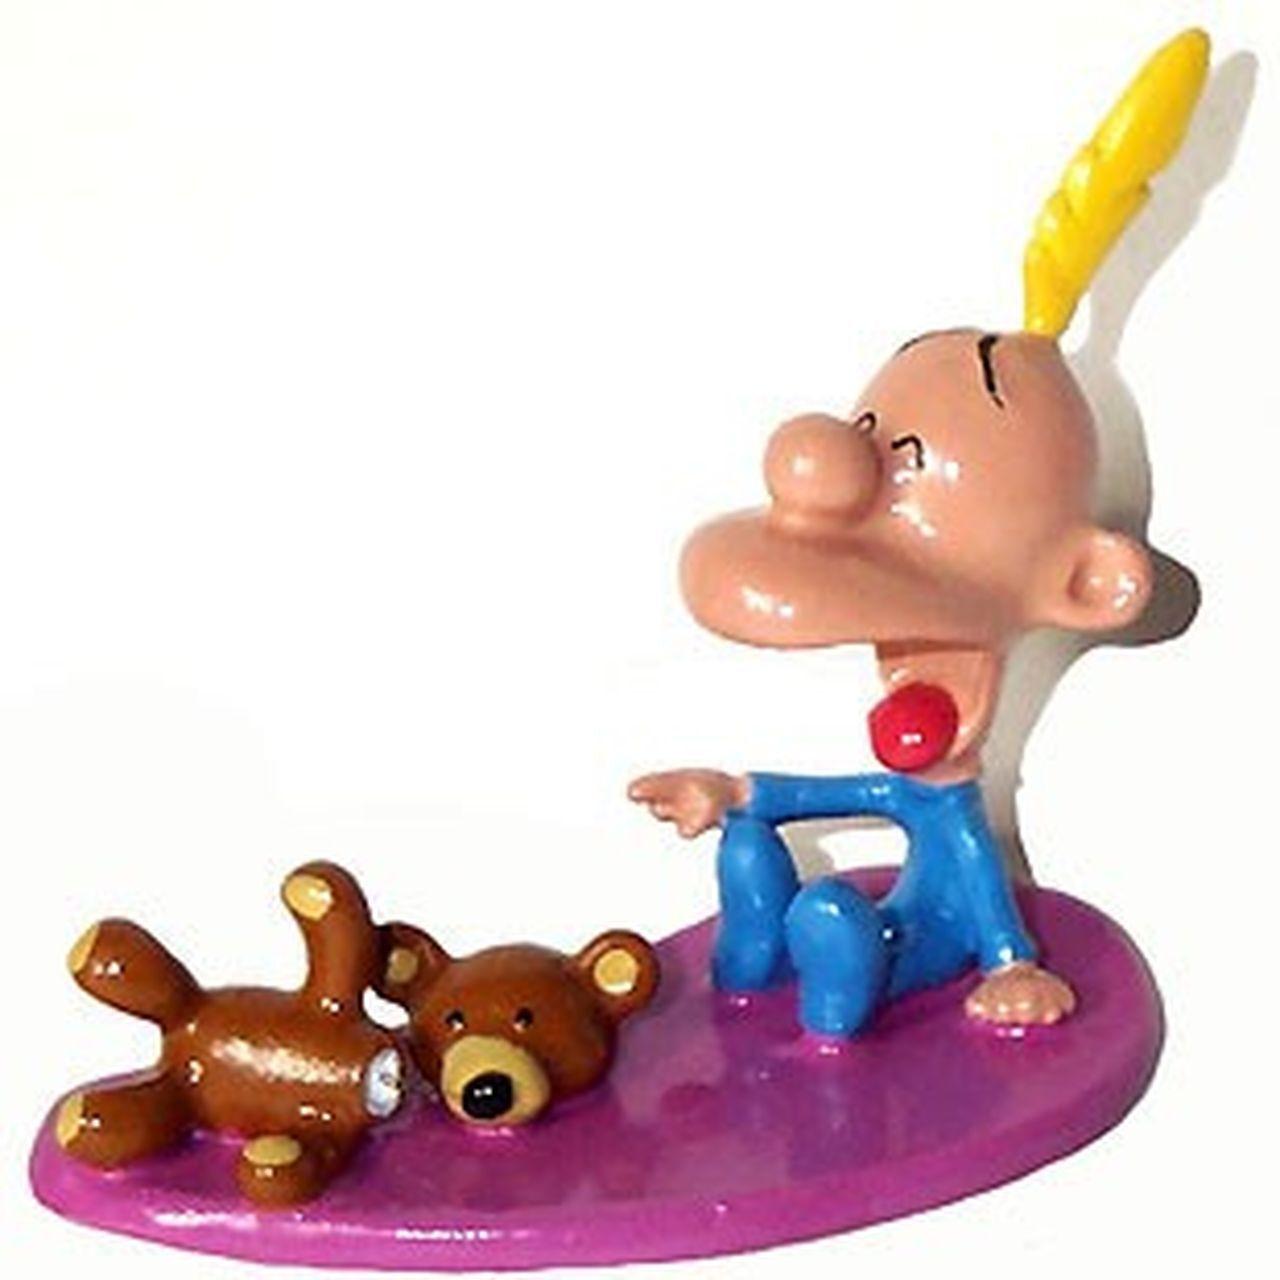 Figurine métal Titeuf Titeuf et son ours en en en peluche, Pixi Pixi 9c8409